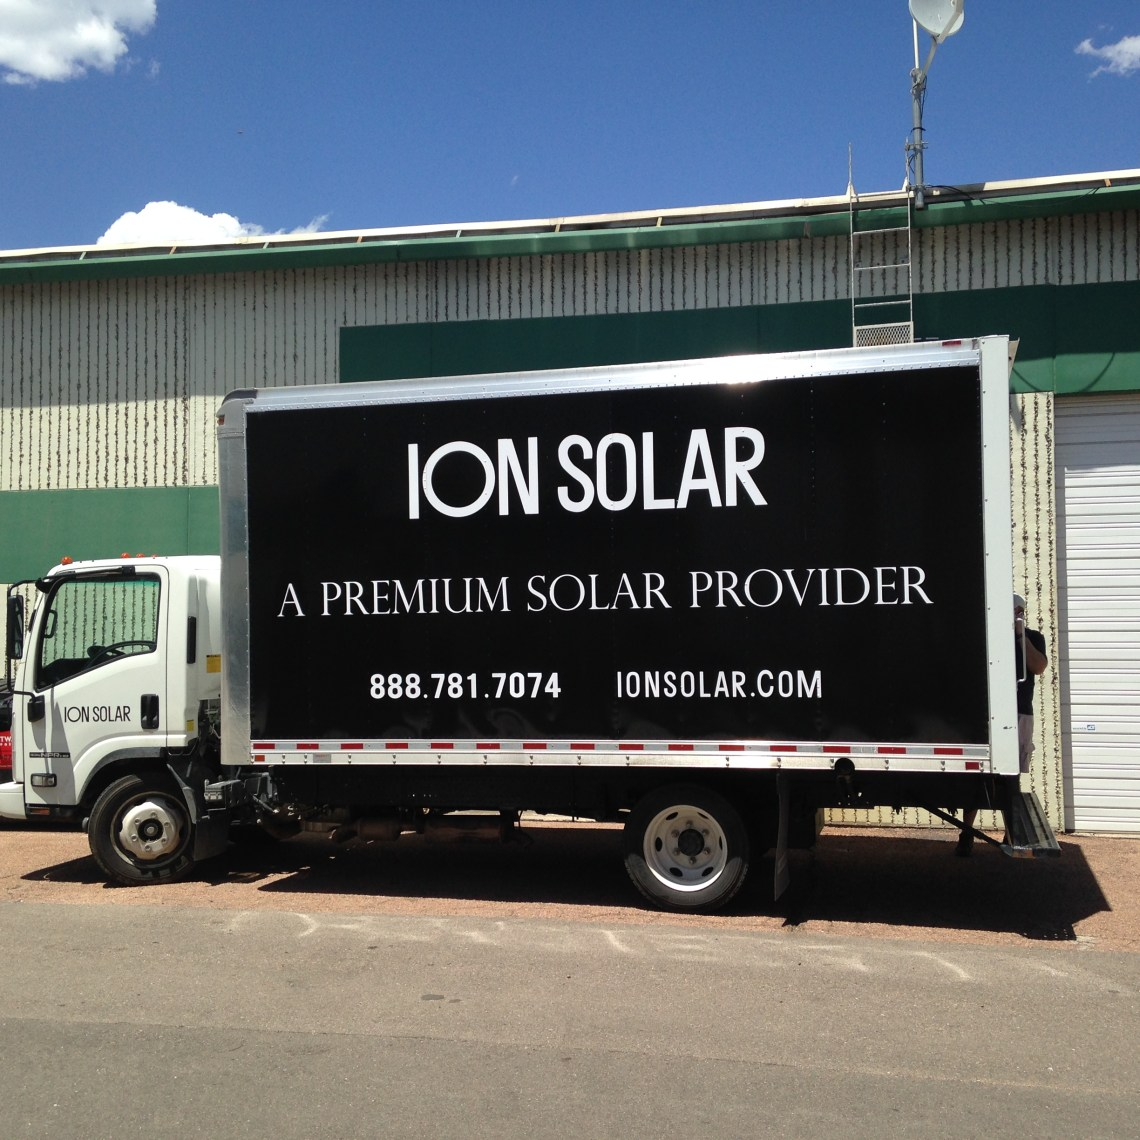 ion solar - ION SOLAR